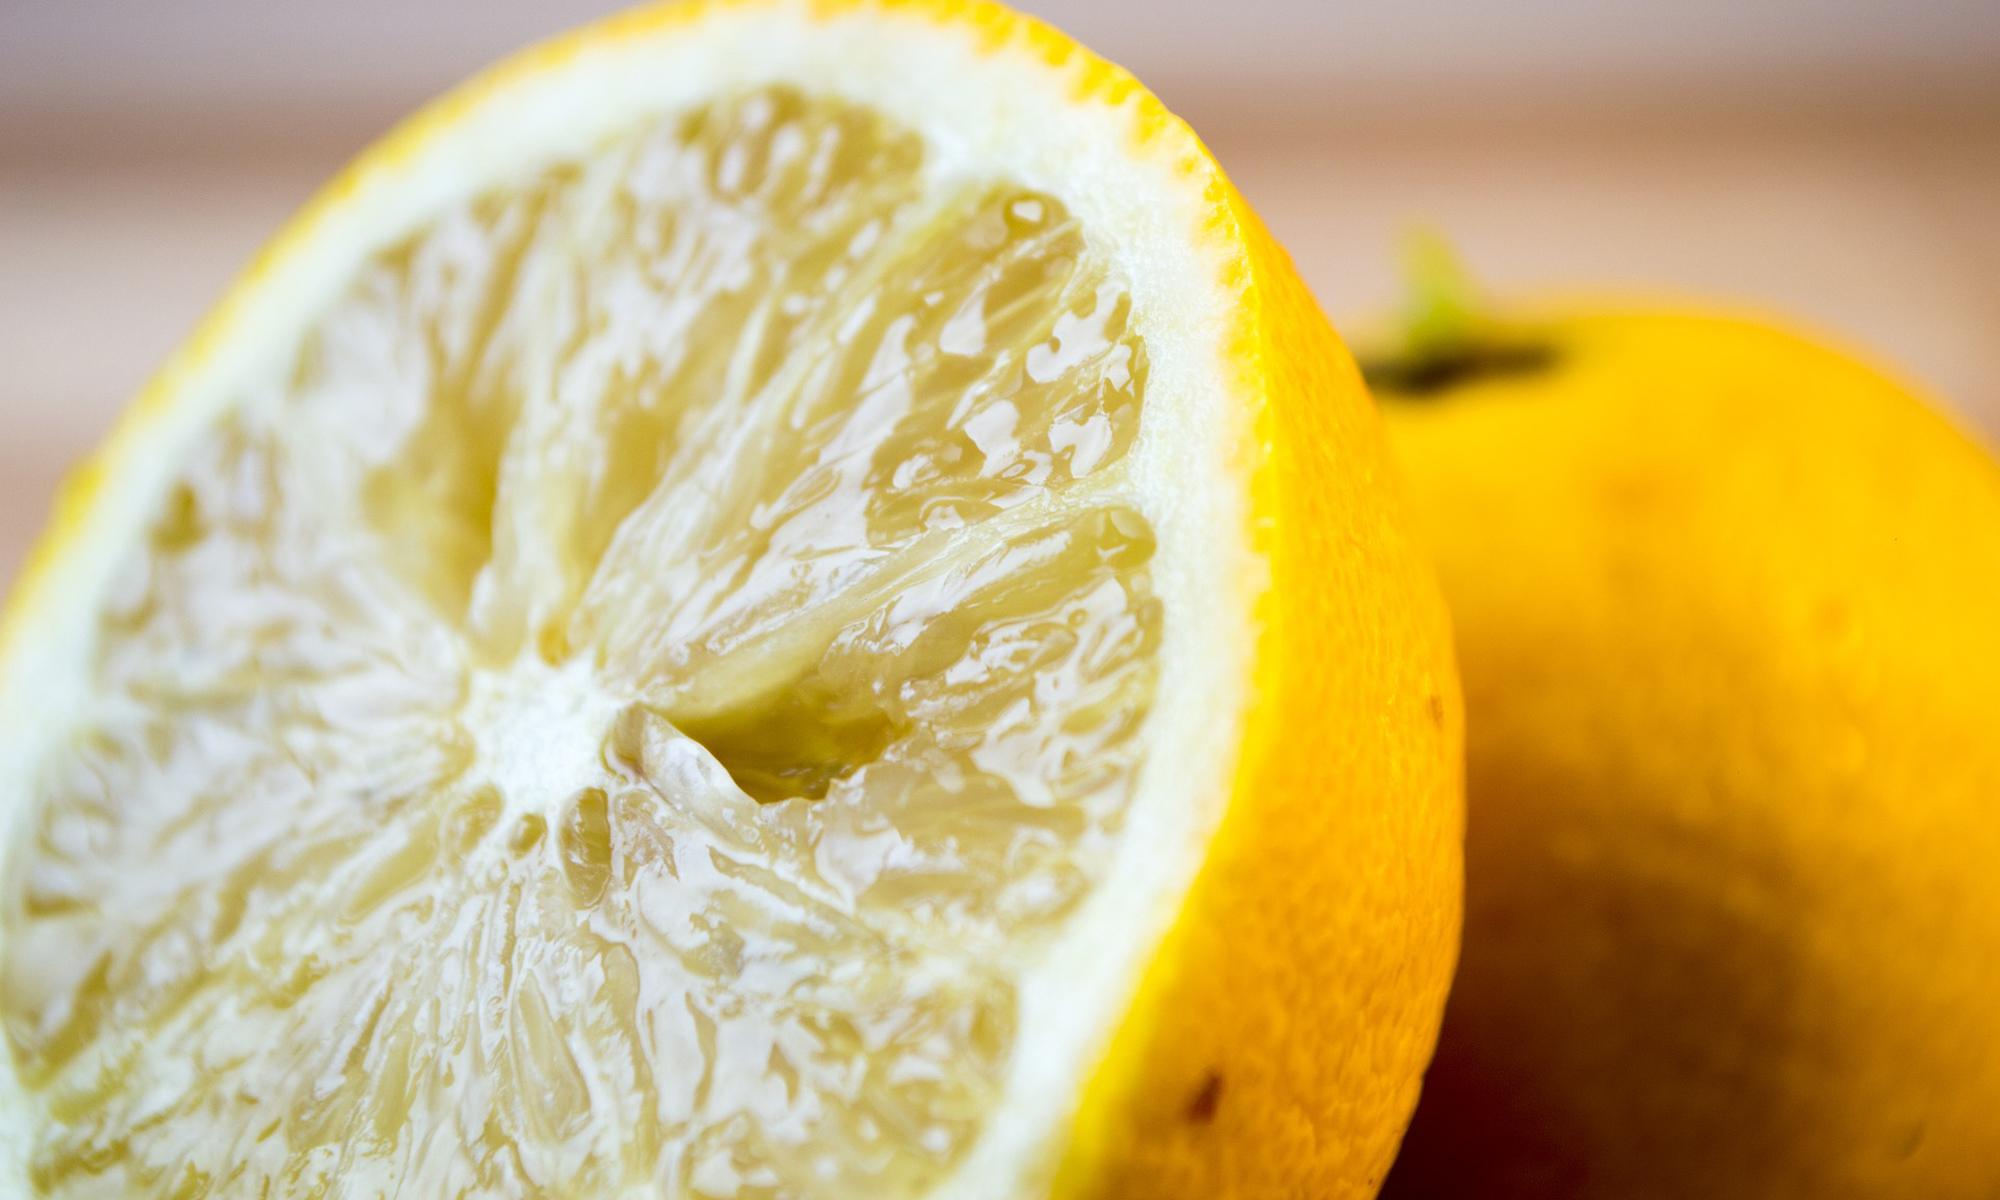 Lemons cut in half